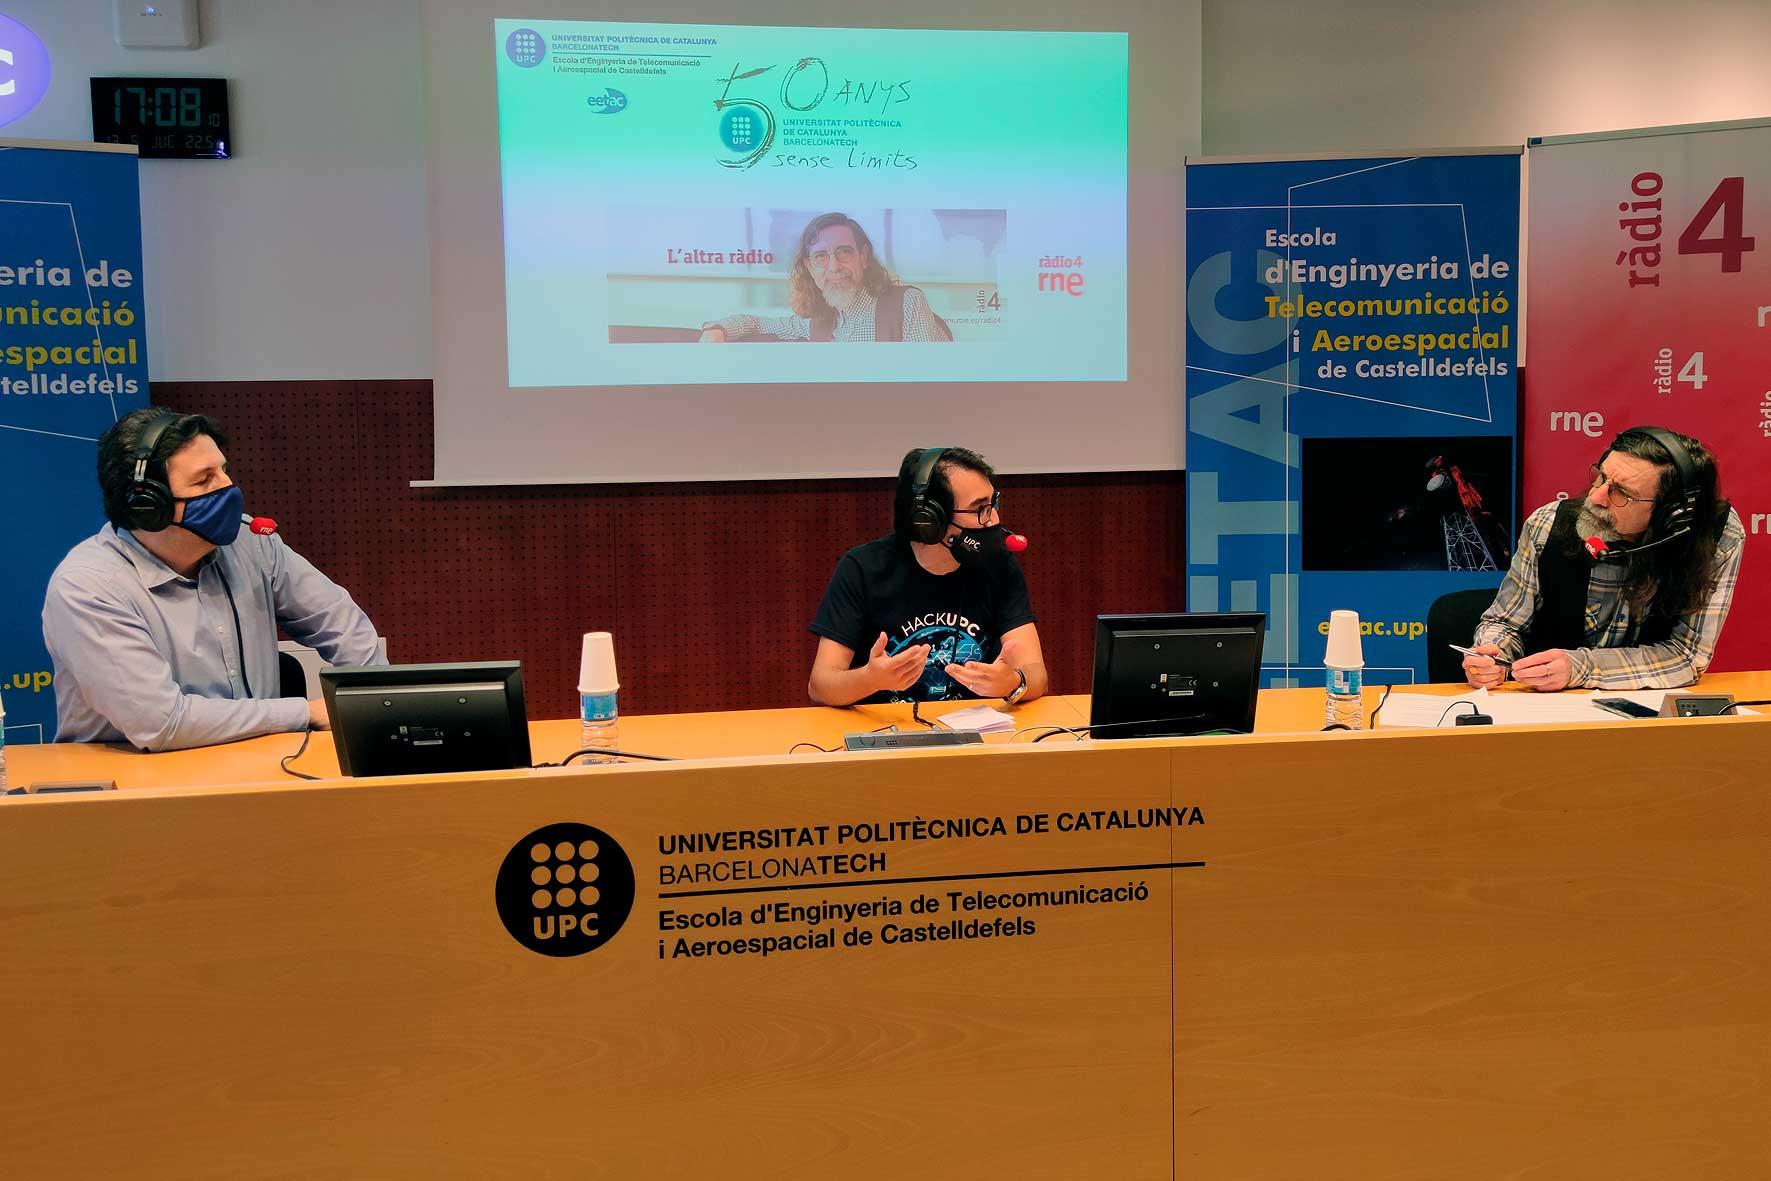 Hablamos de los problemas que genera la acumulación de satélites artificiales en el programa especial de L'Altra Ràdio #50anysUPC